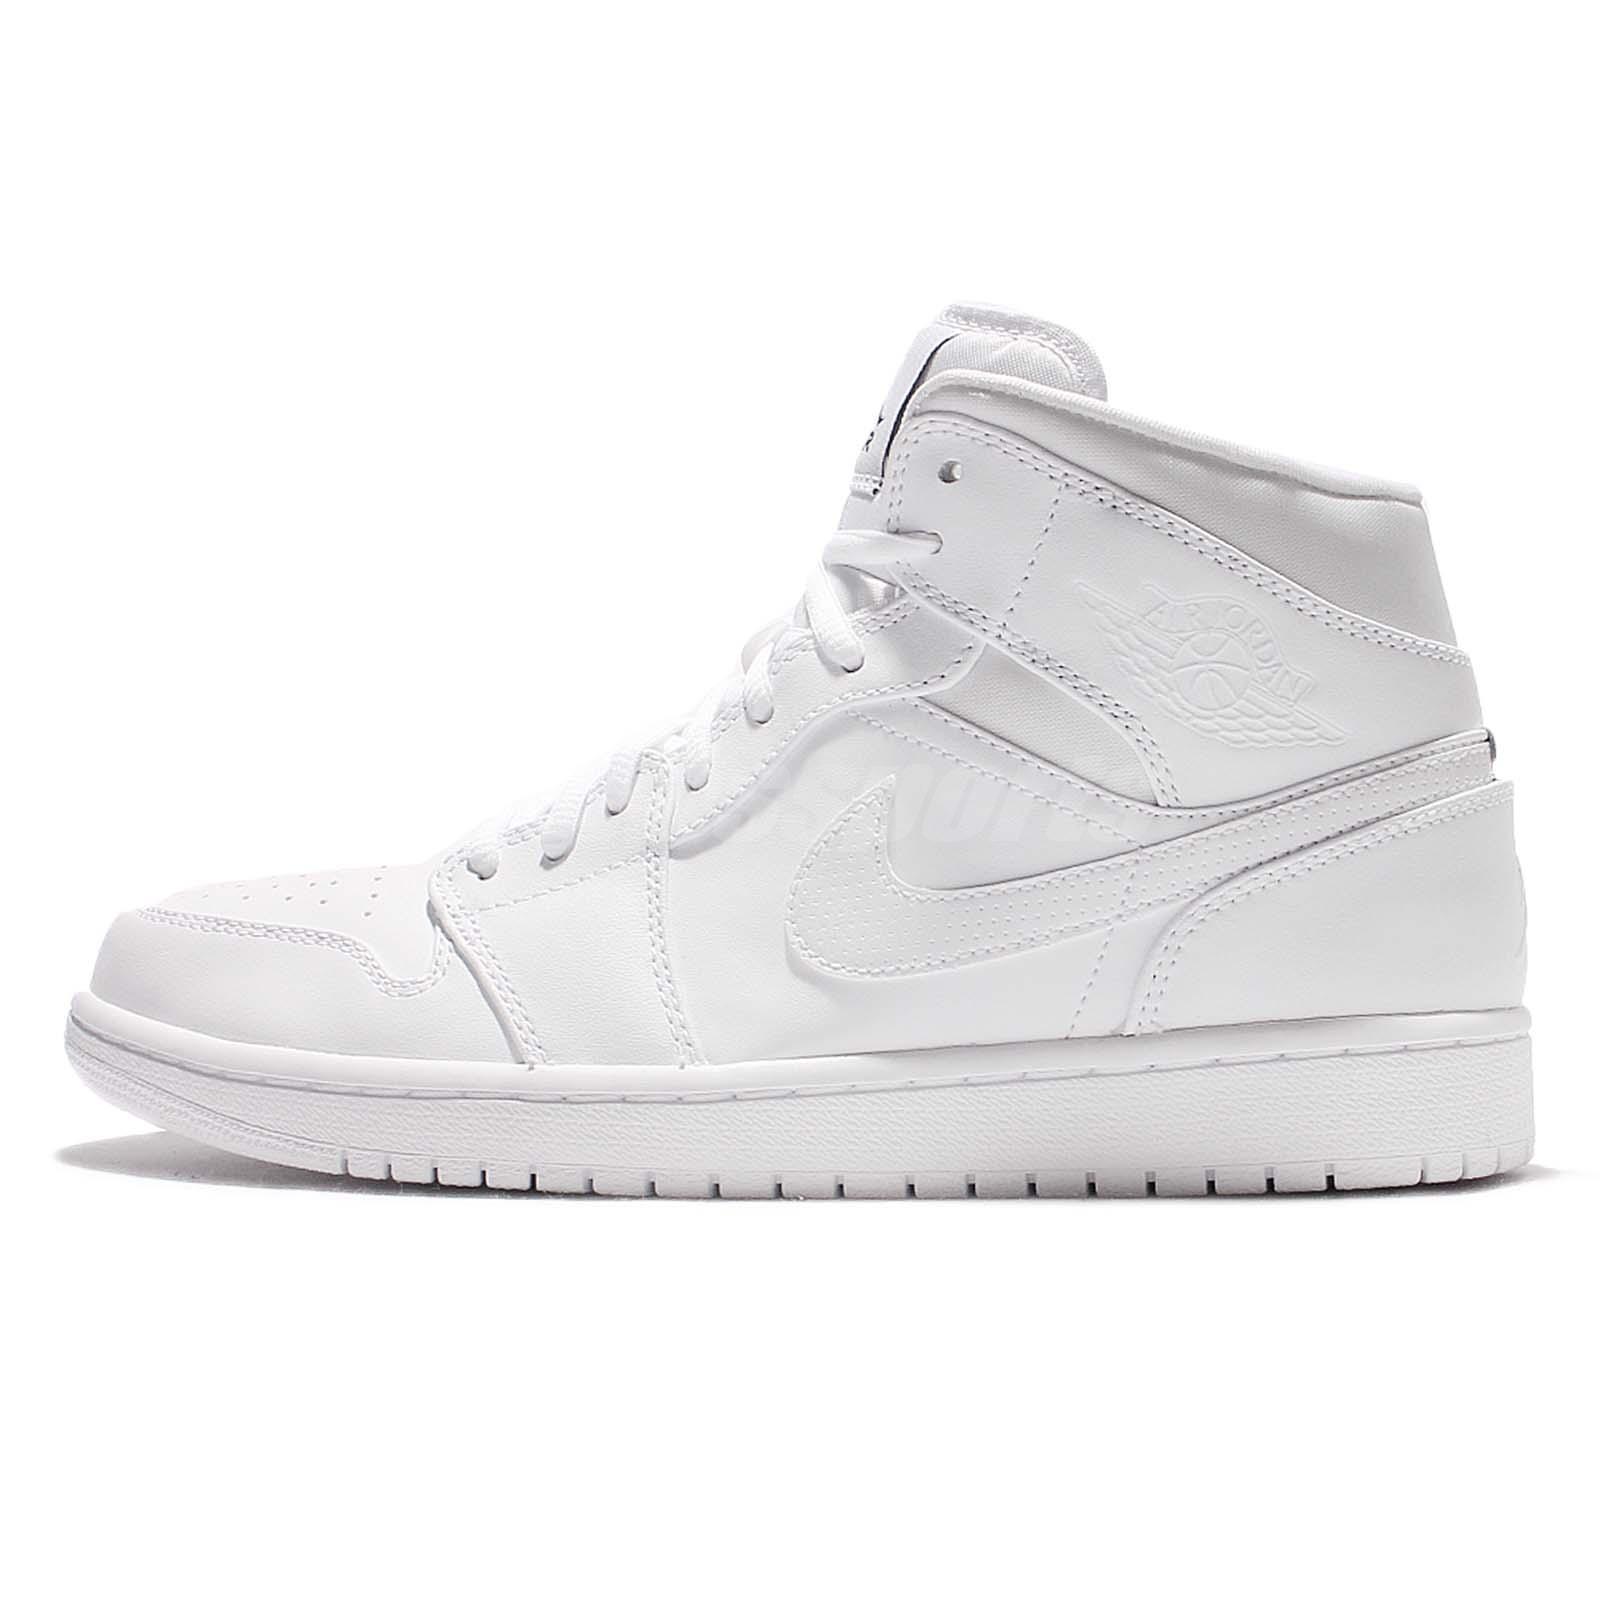 Basket Nike Air Jordan 1 Mid - 554724-110 slSOm7SY5